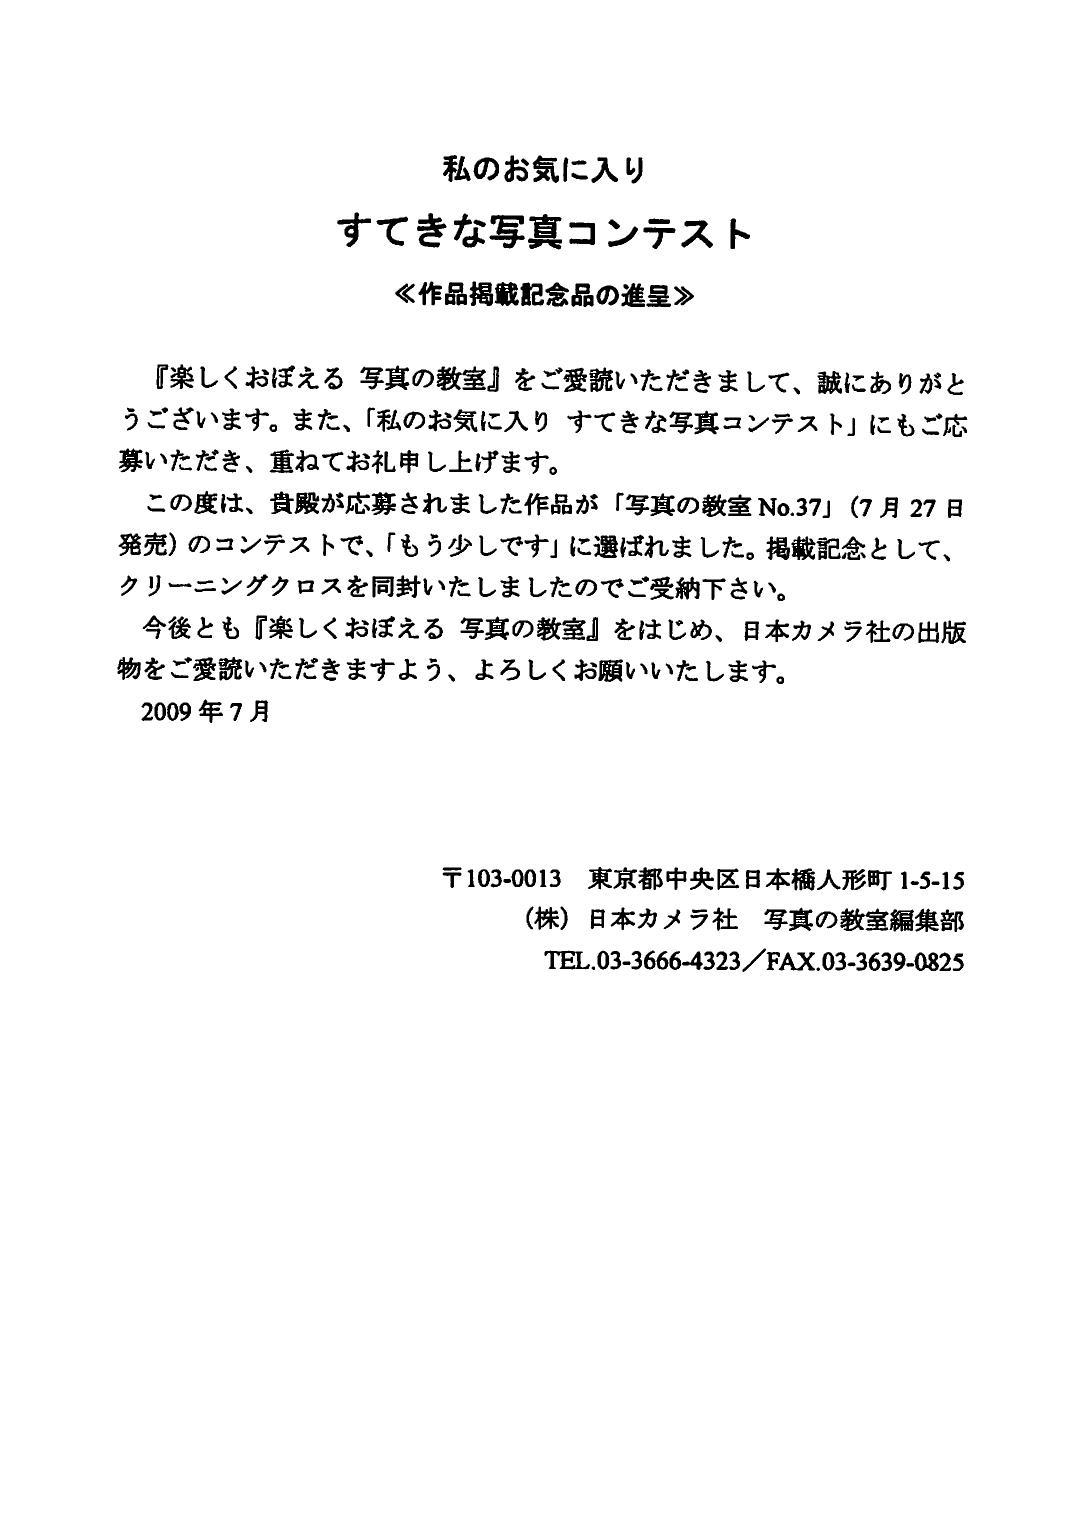 雑誌「日本カメラMOOK 楽しく覚える写真の教室」37号_a0288226_0235185.jpg